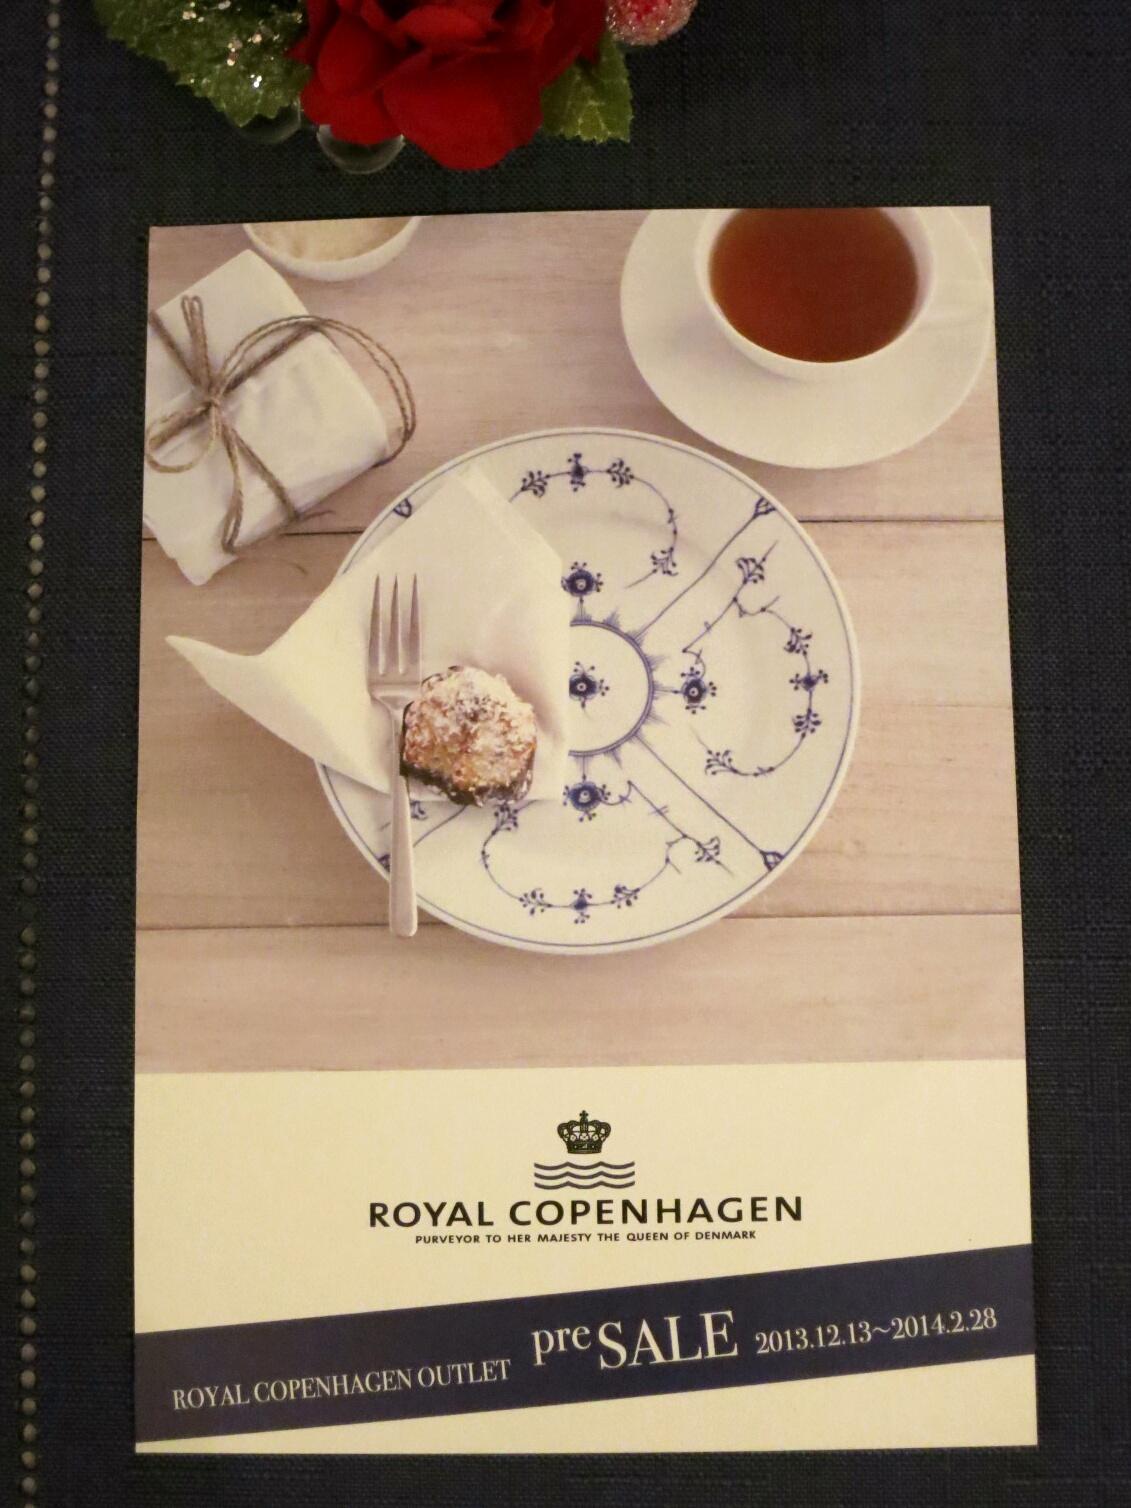 Rコペンハーゲンの紅茶缶~ふりこ茶房のふりこケーキ_f0236260_17392124.jpg